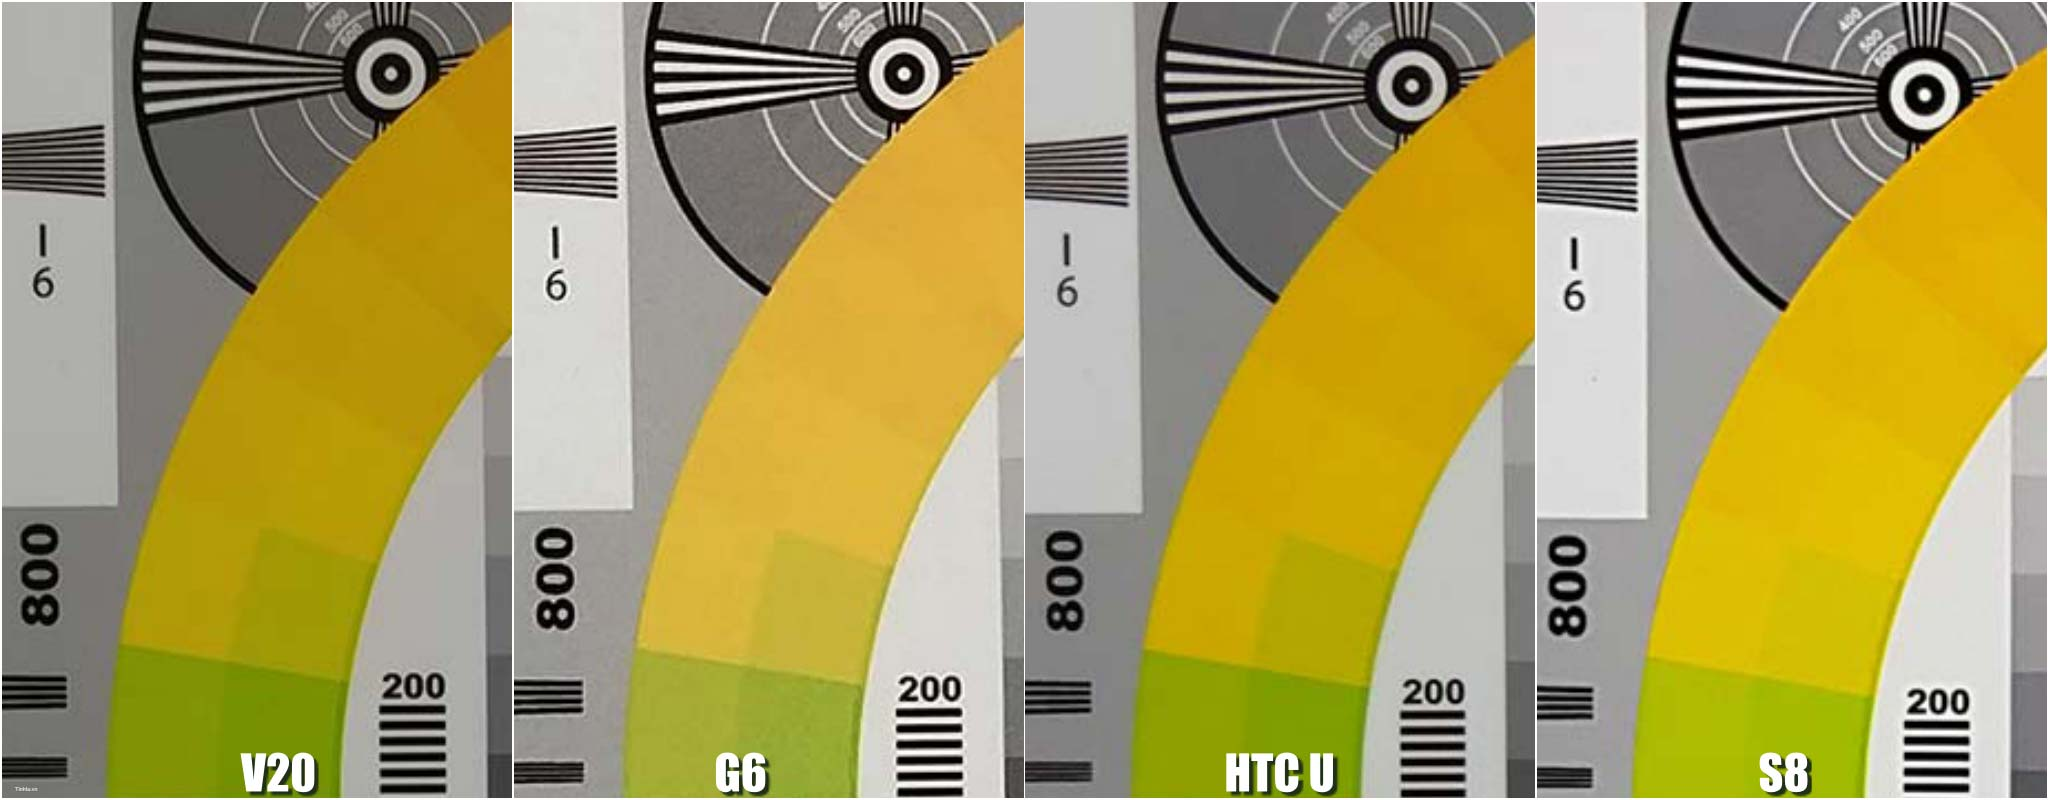 net5.jpg